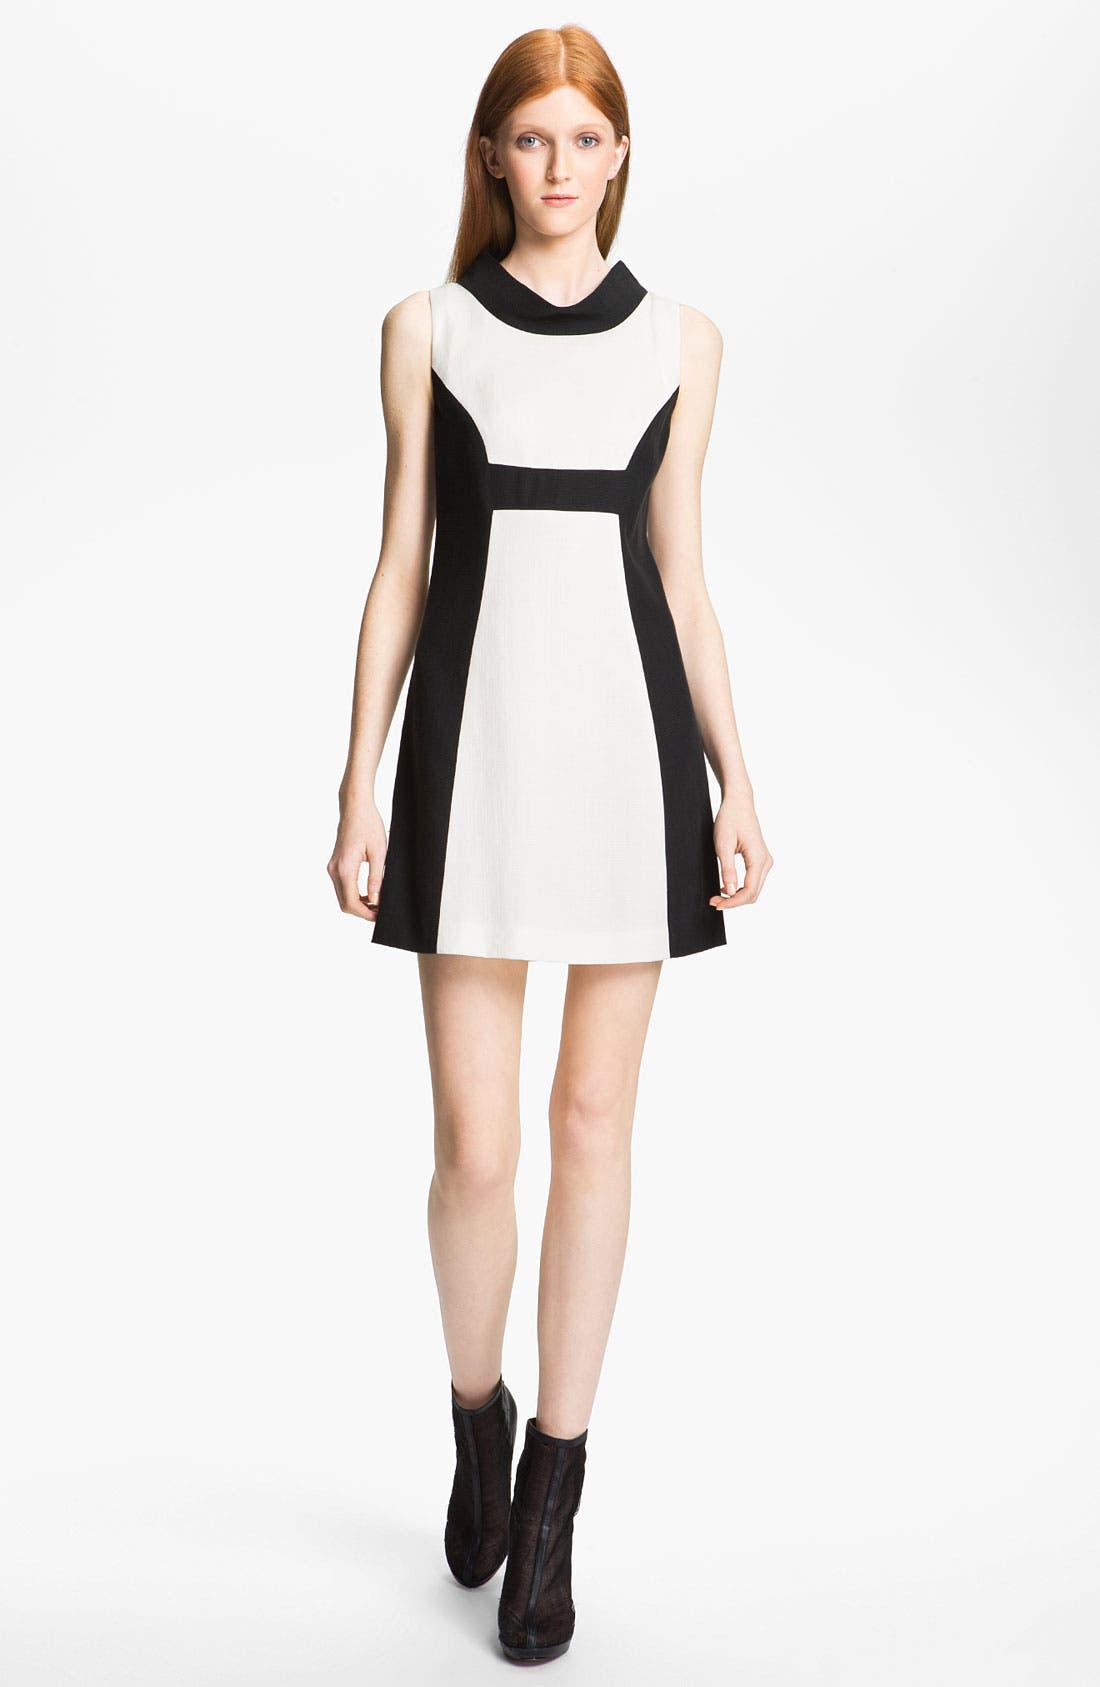 Alternate Image 1 Selected - Rachel Zoe 'Madison II' Contrast Panel Dress